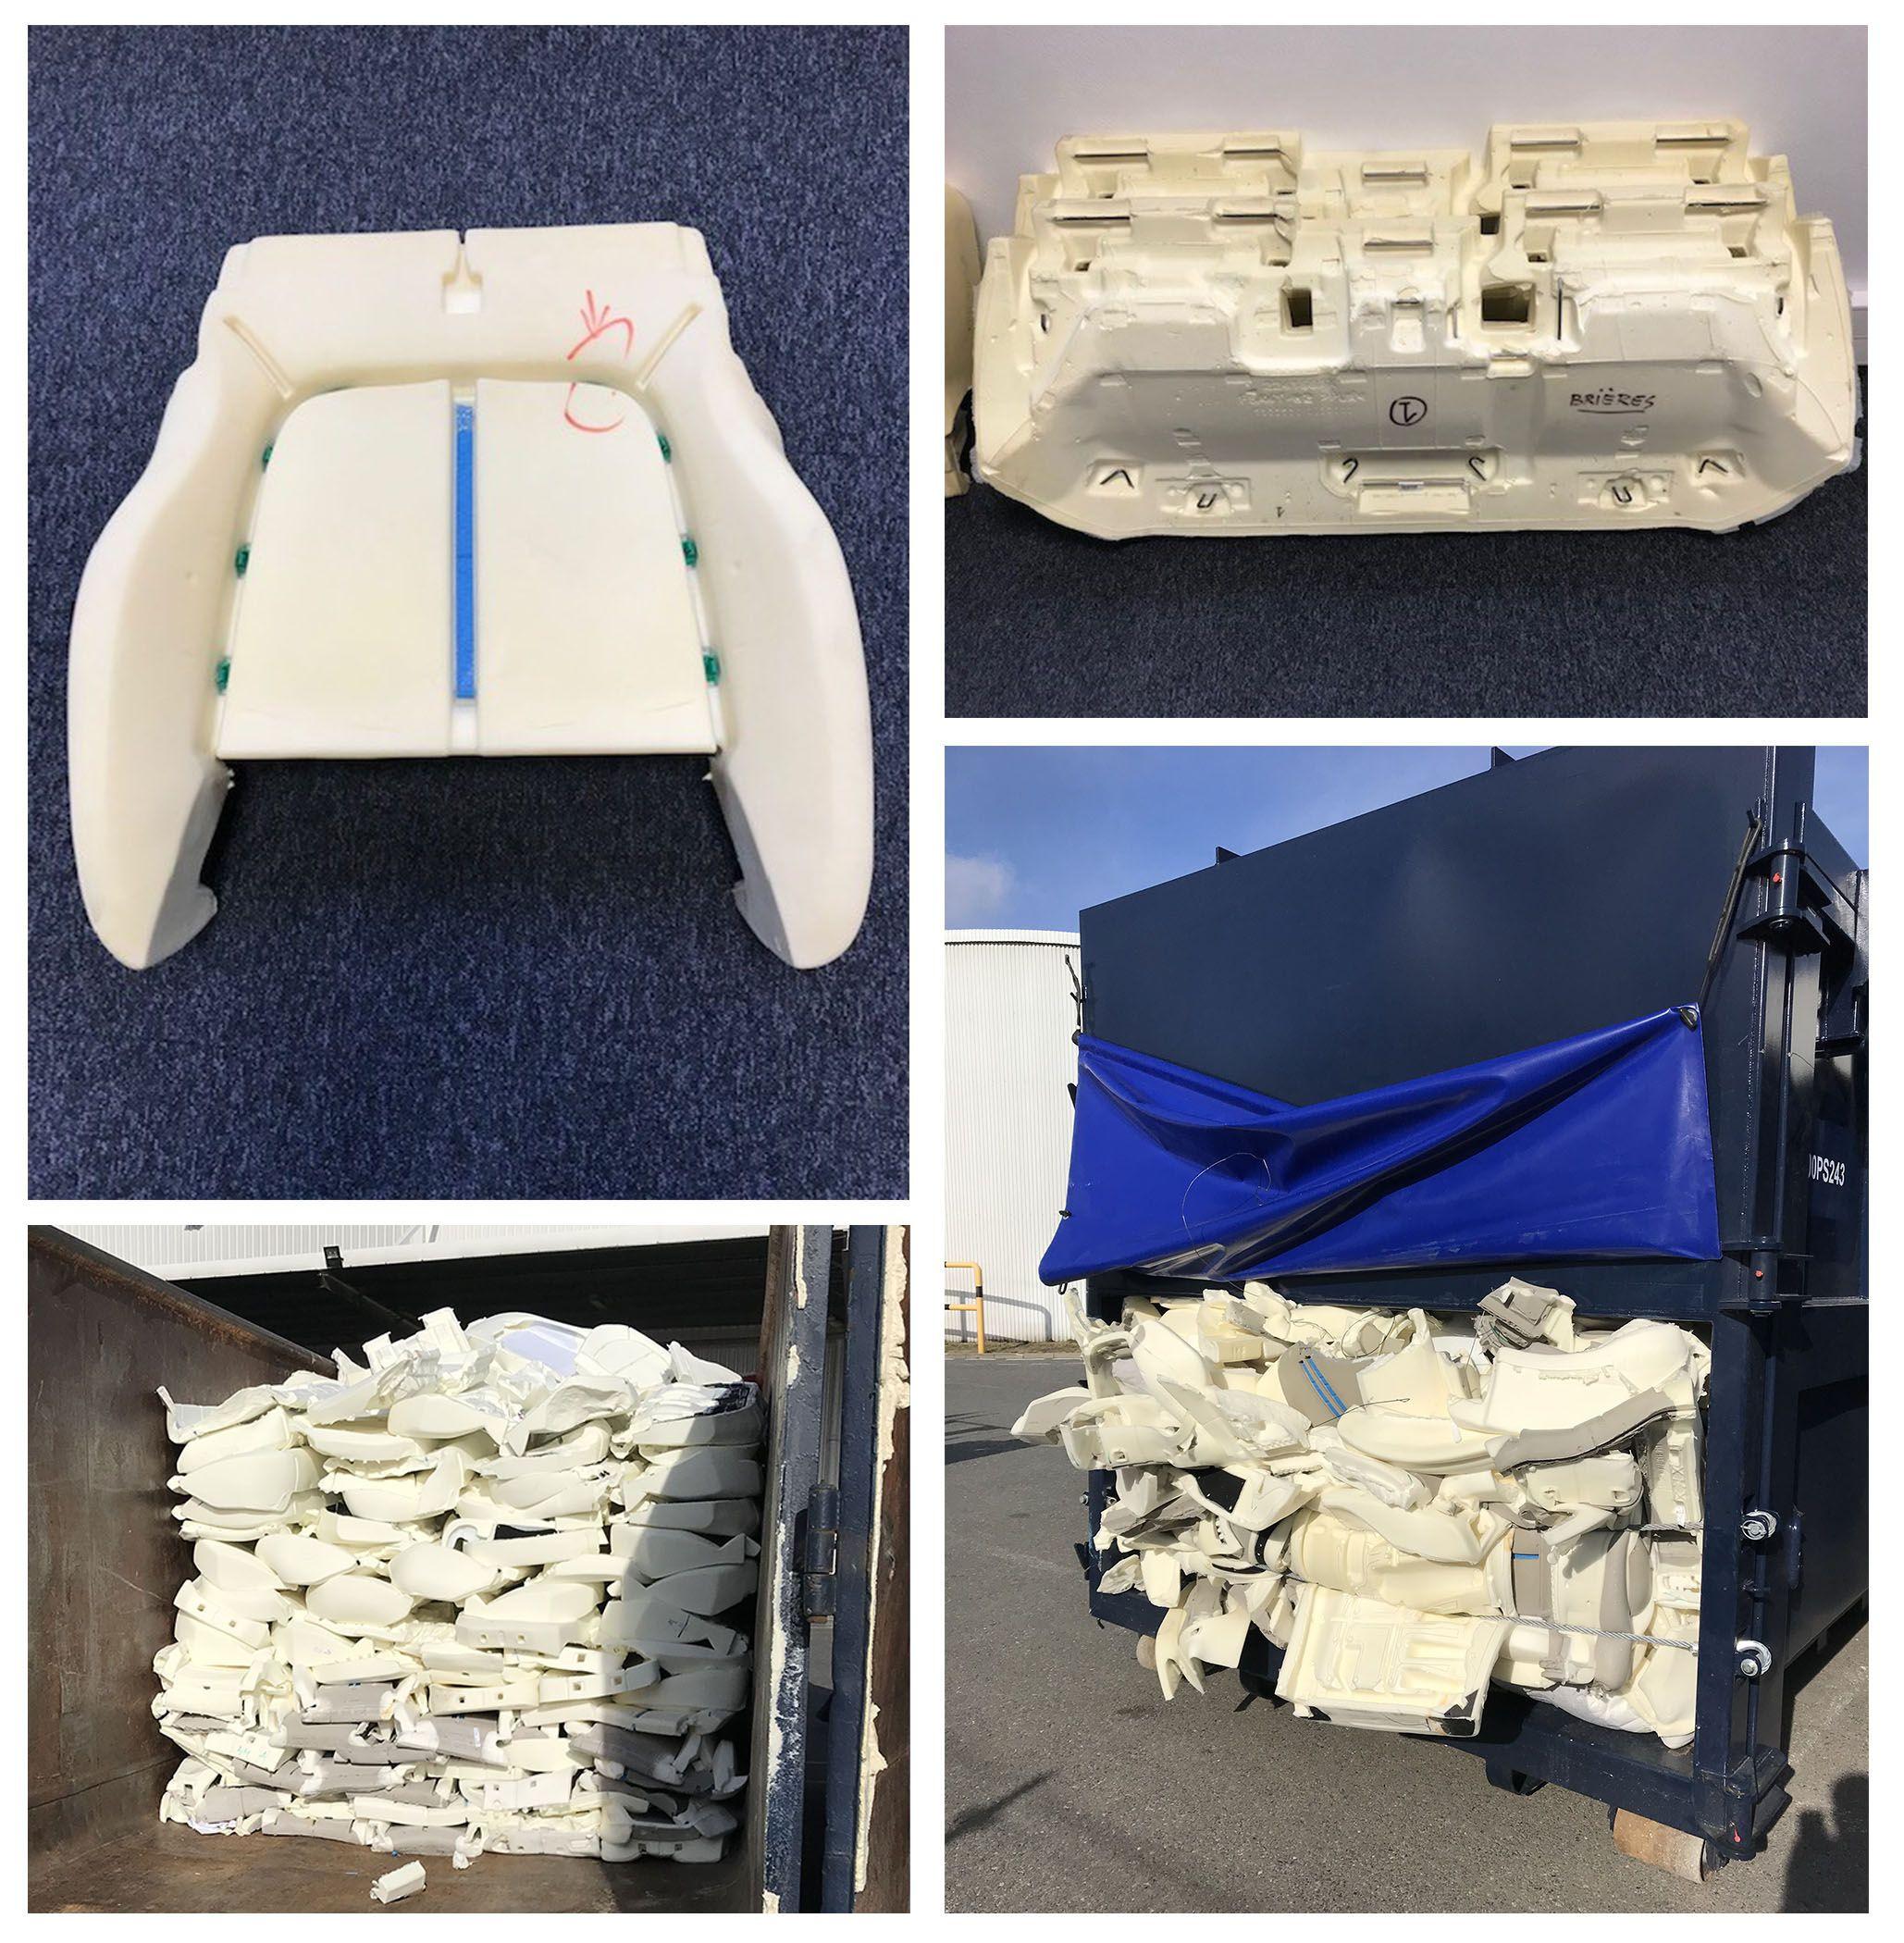 Polyurethane PU Foam trim waste